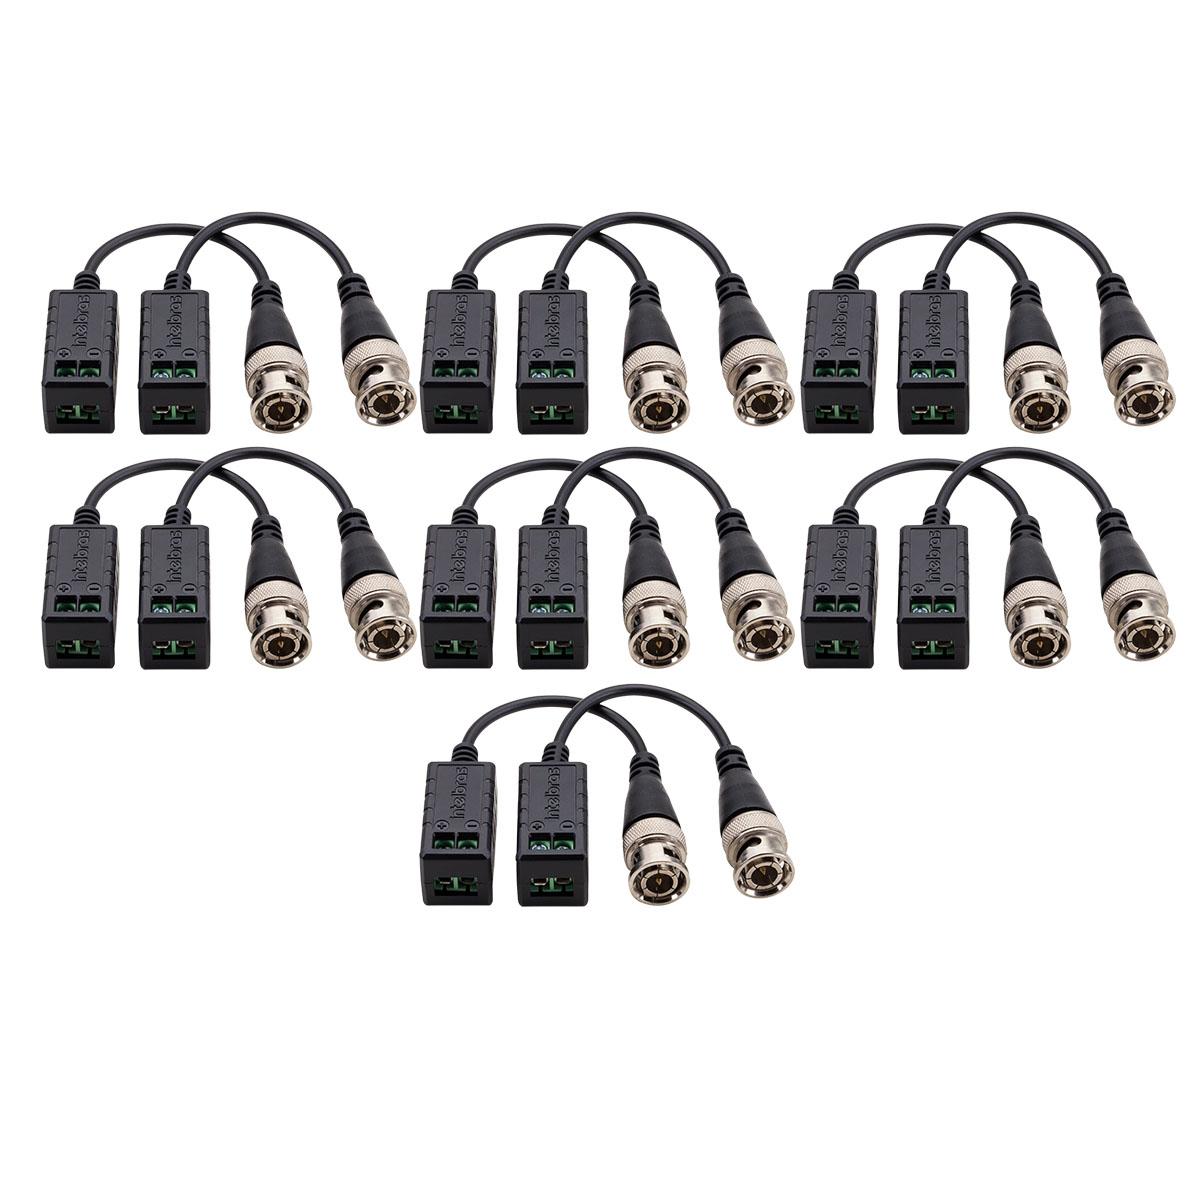 Kit 07 Conversor Balun Intelbras Vb 501p